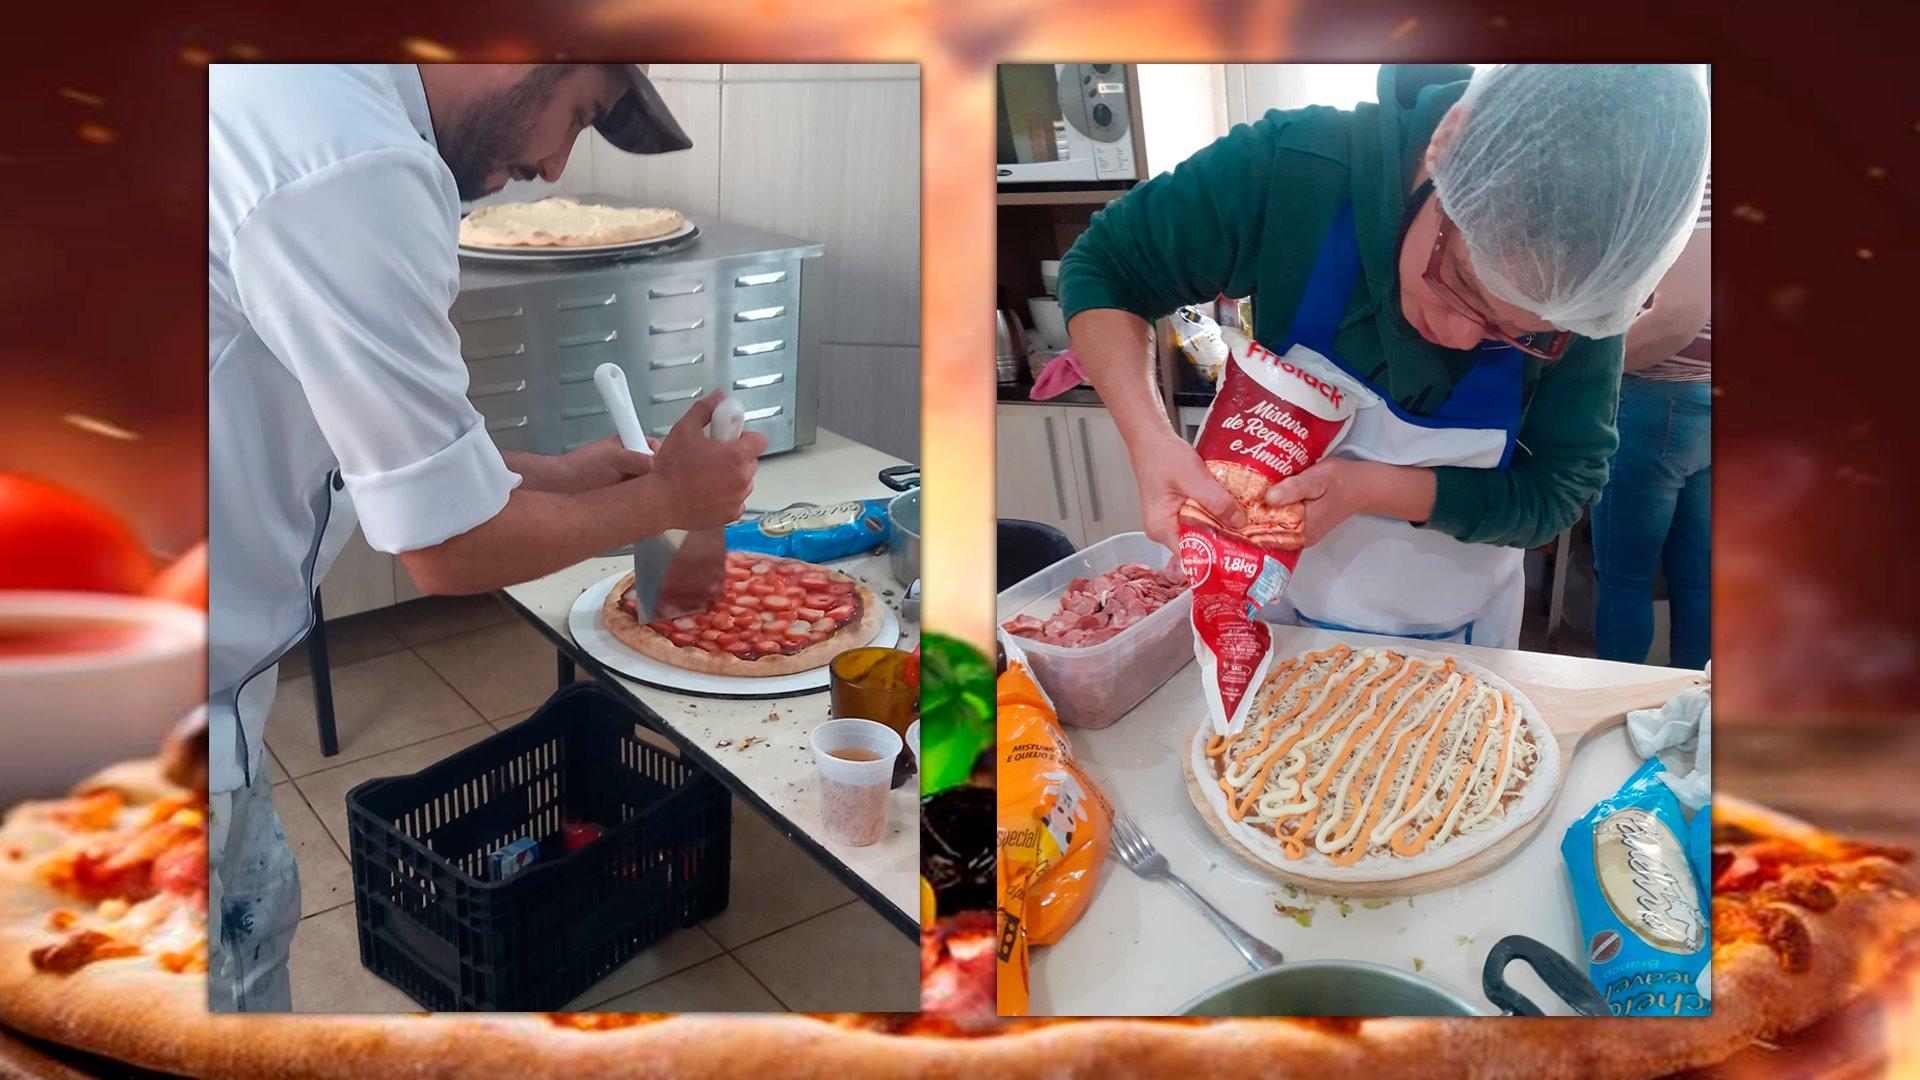 Assistência Social realiza treinamento de produção de pizzas com moradores do núcleo habitacional Alzírio Roos III